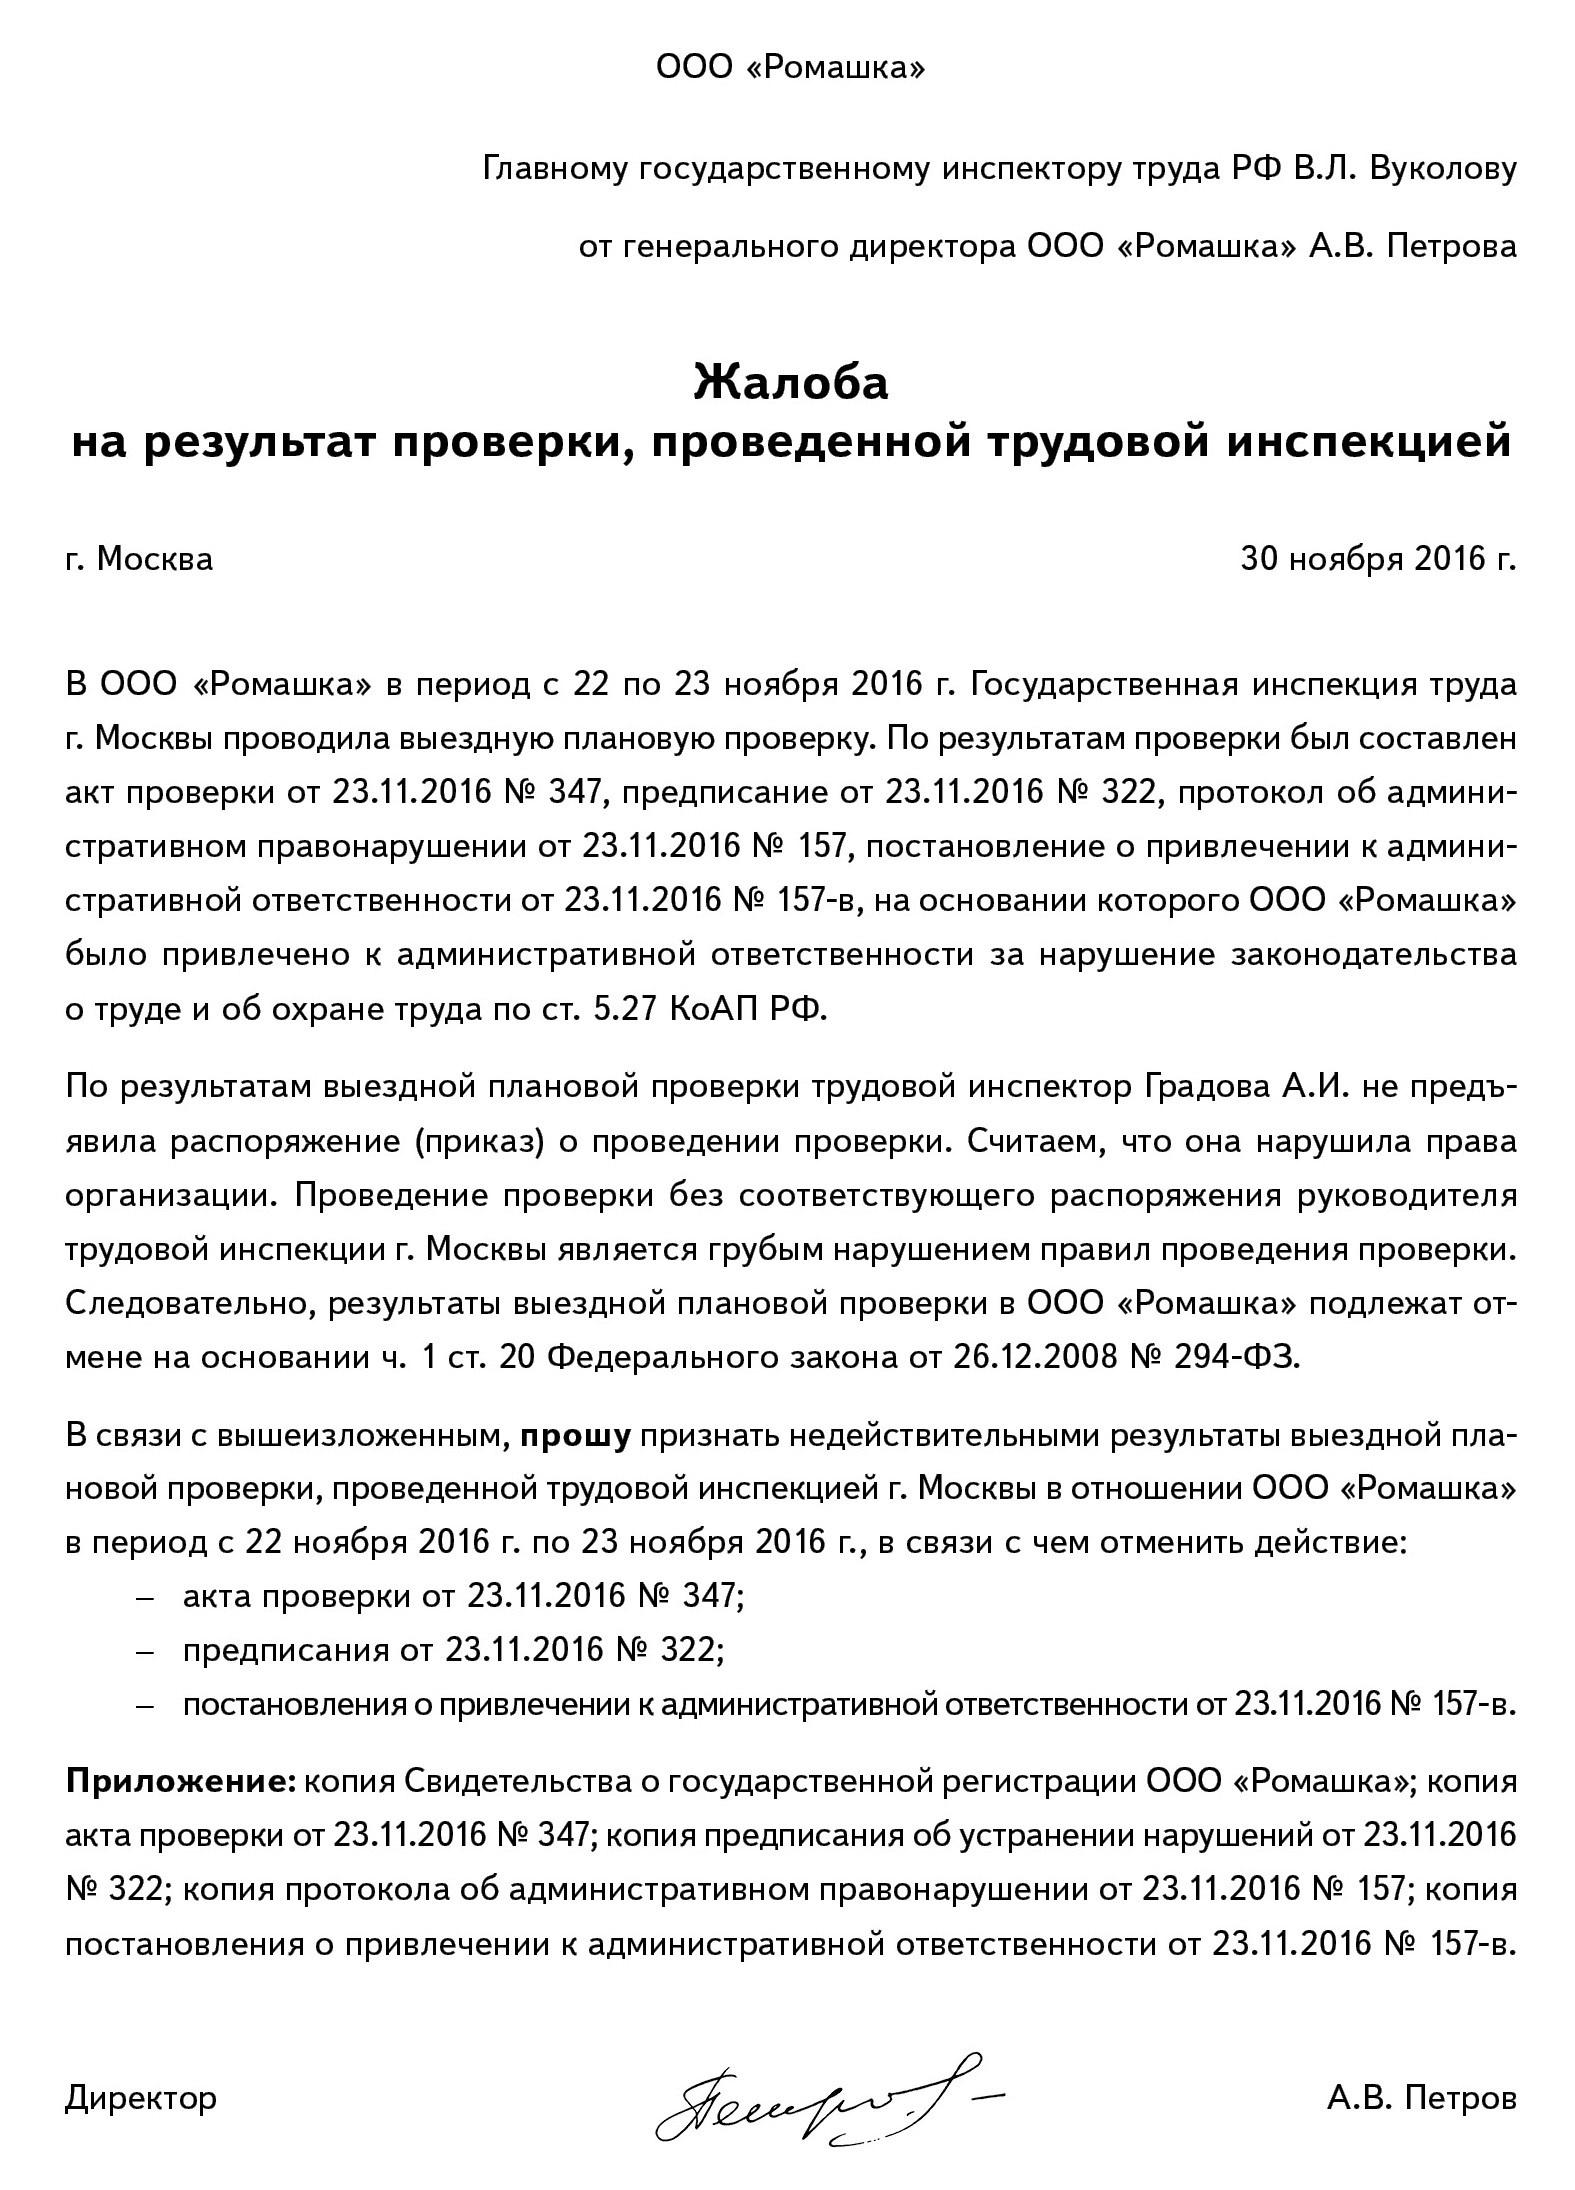 mozhno-li-obzhalovat'-dejstviya-gosudarstvennogo-inspektora-truda